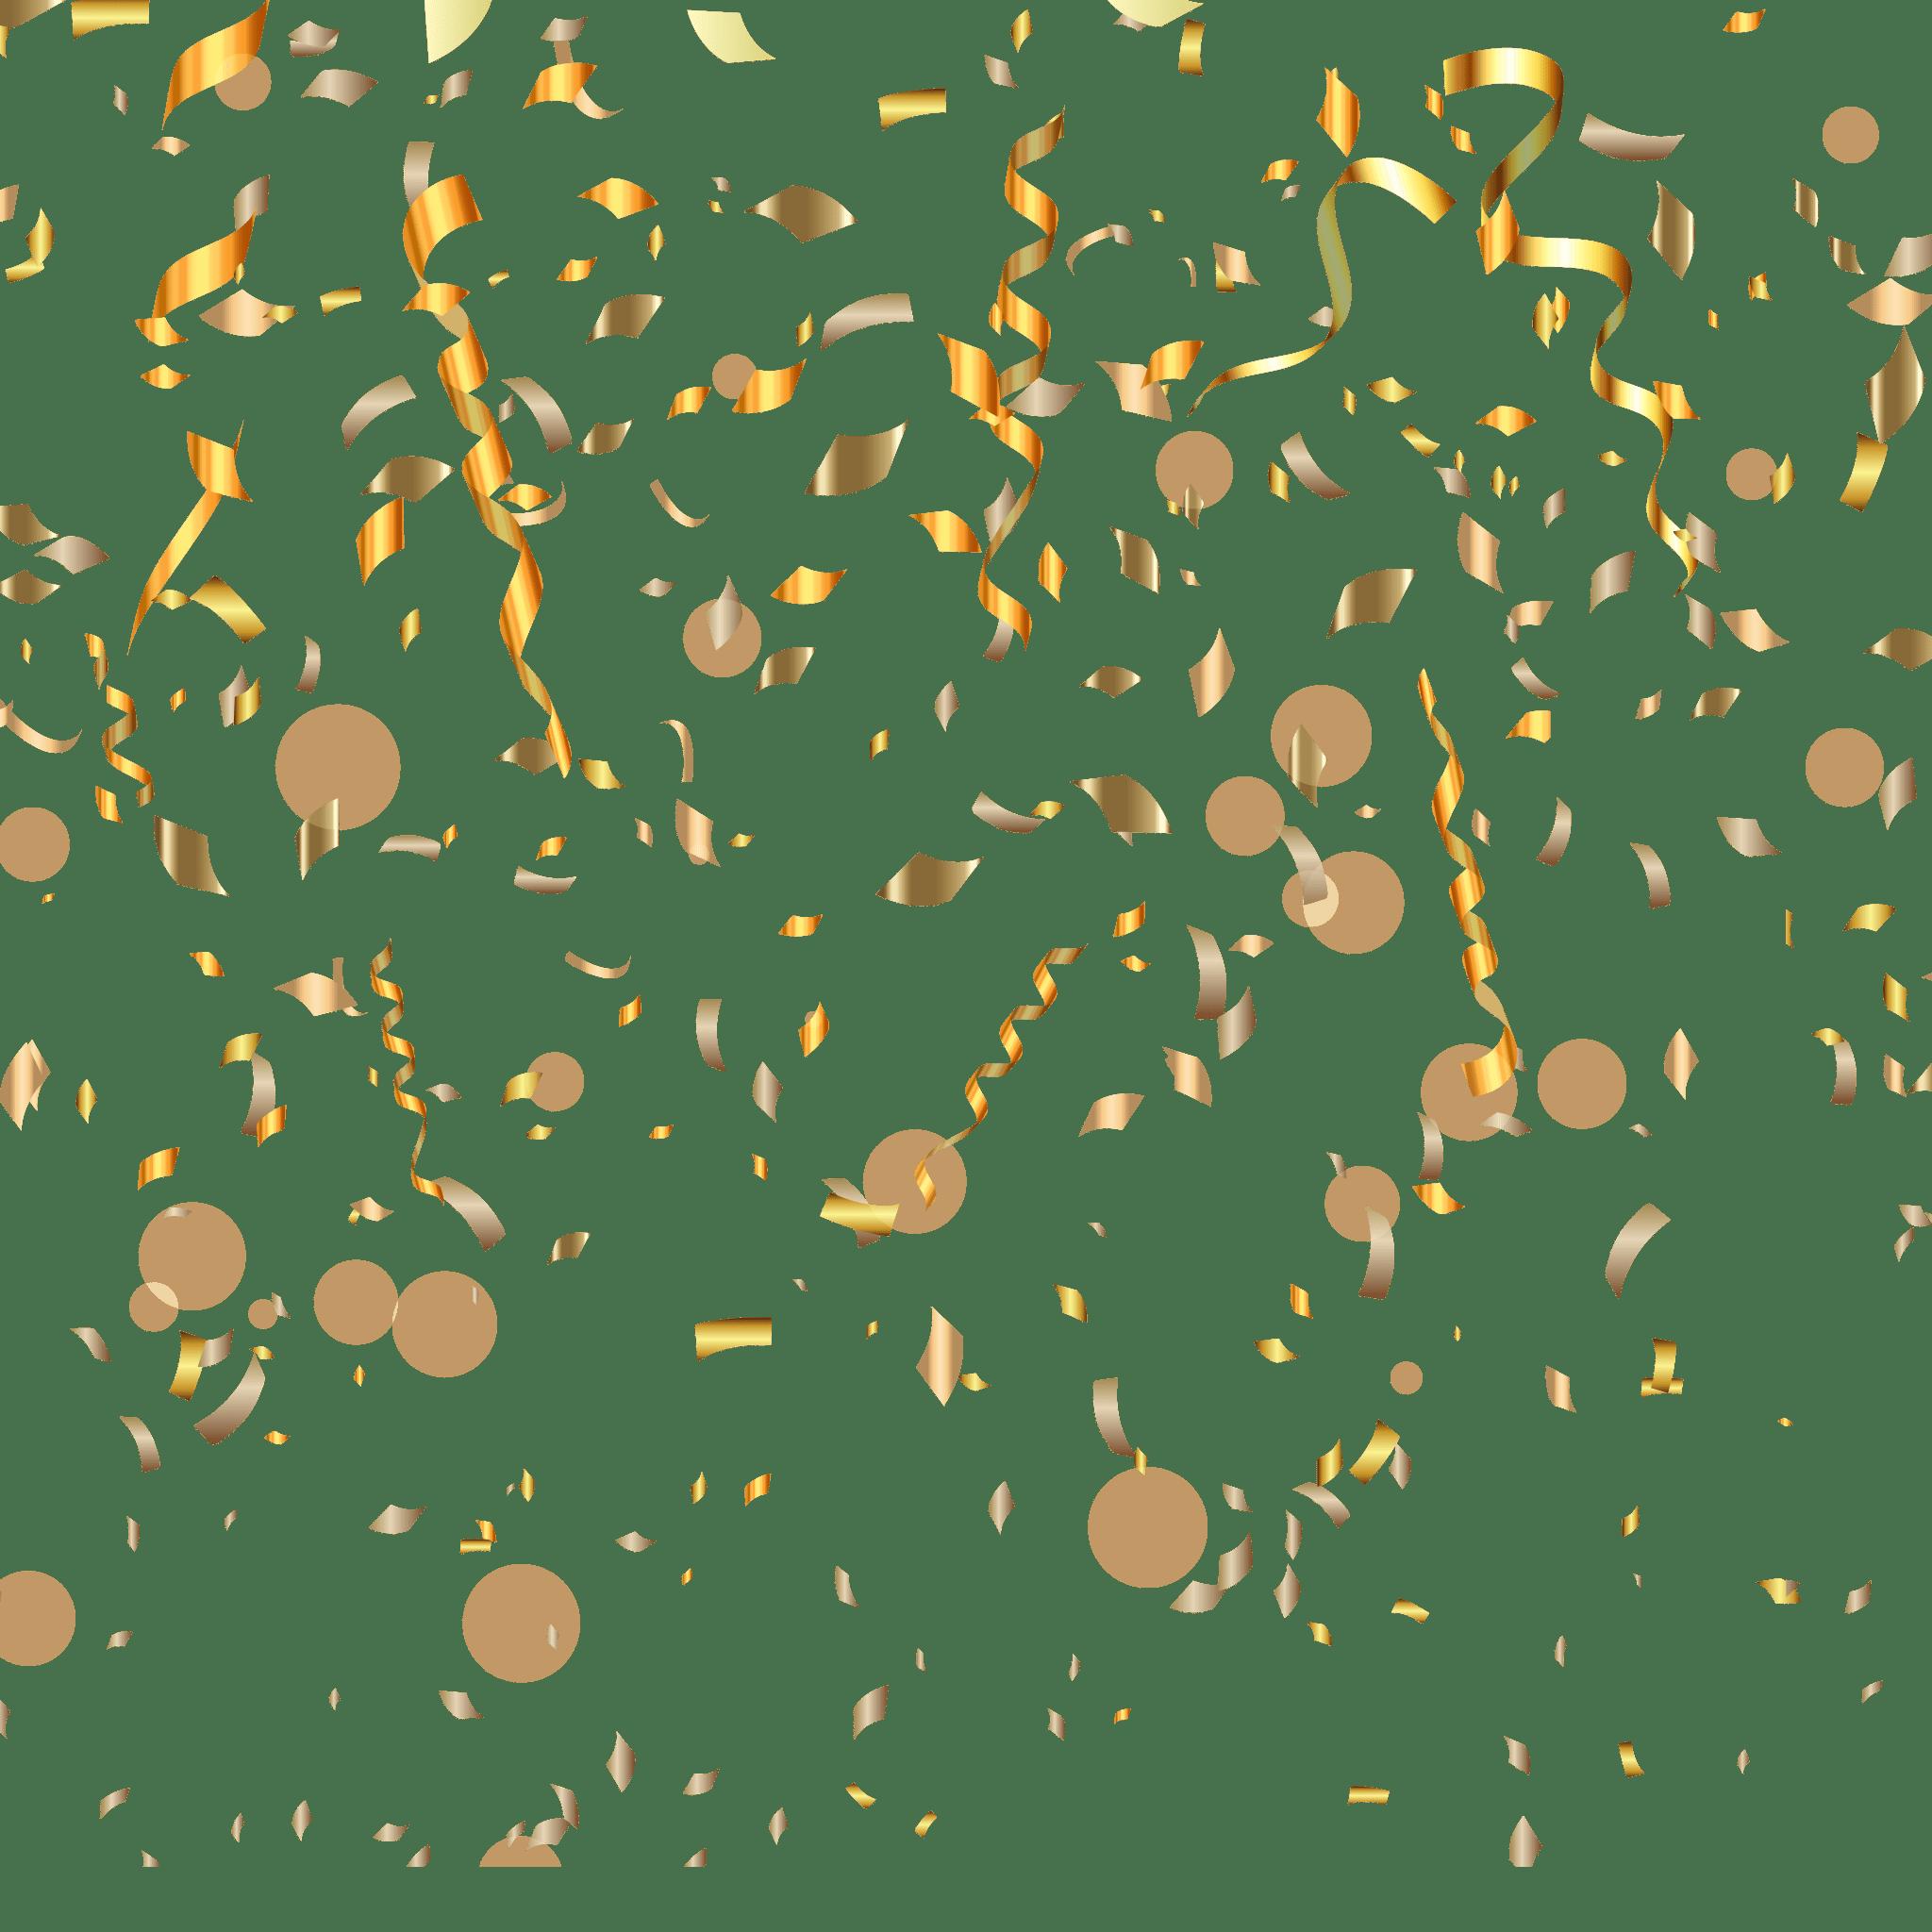 Gold Confetti PNG Min.